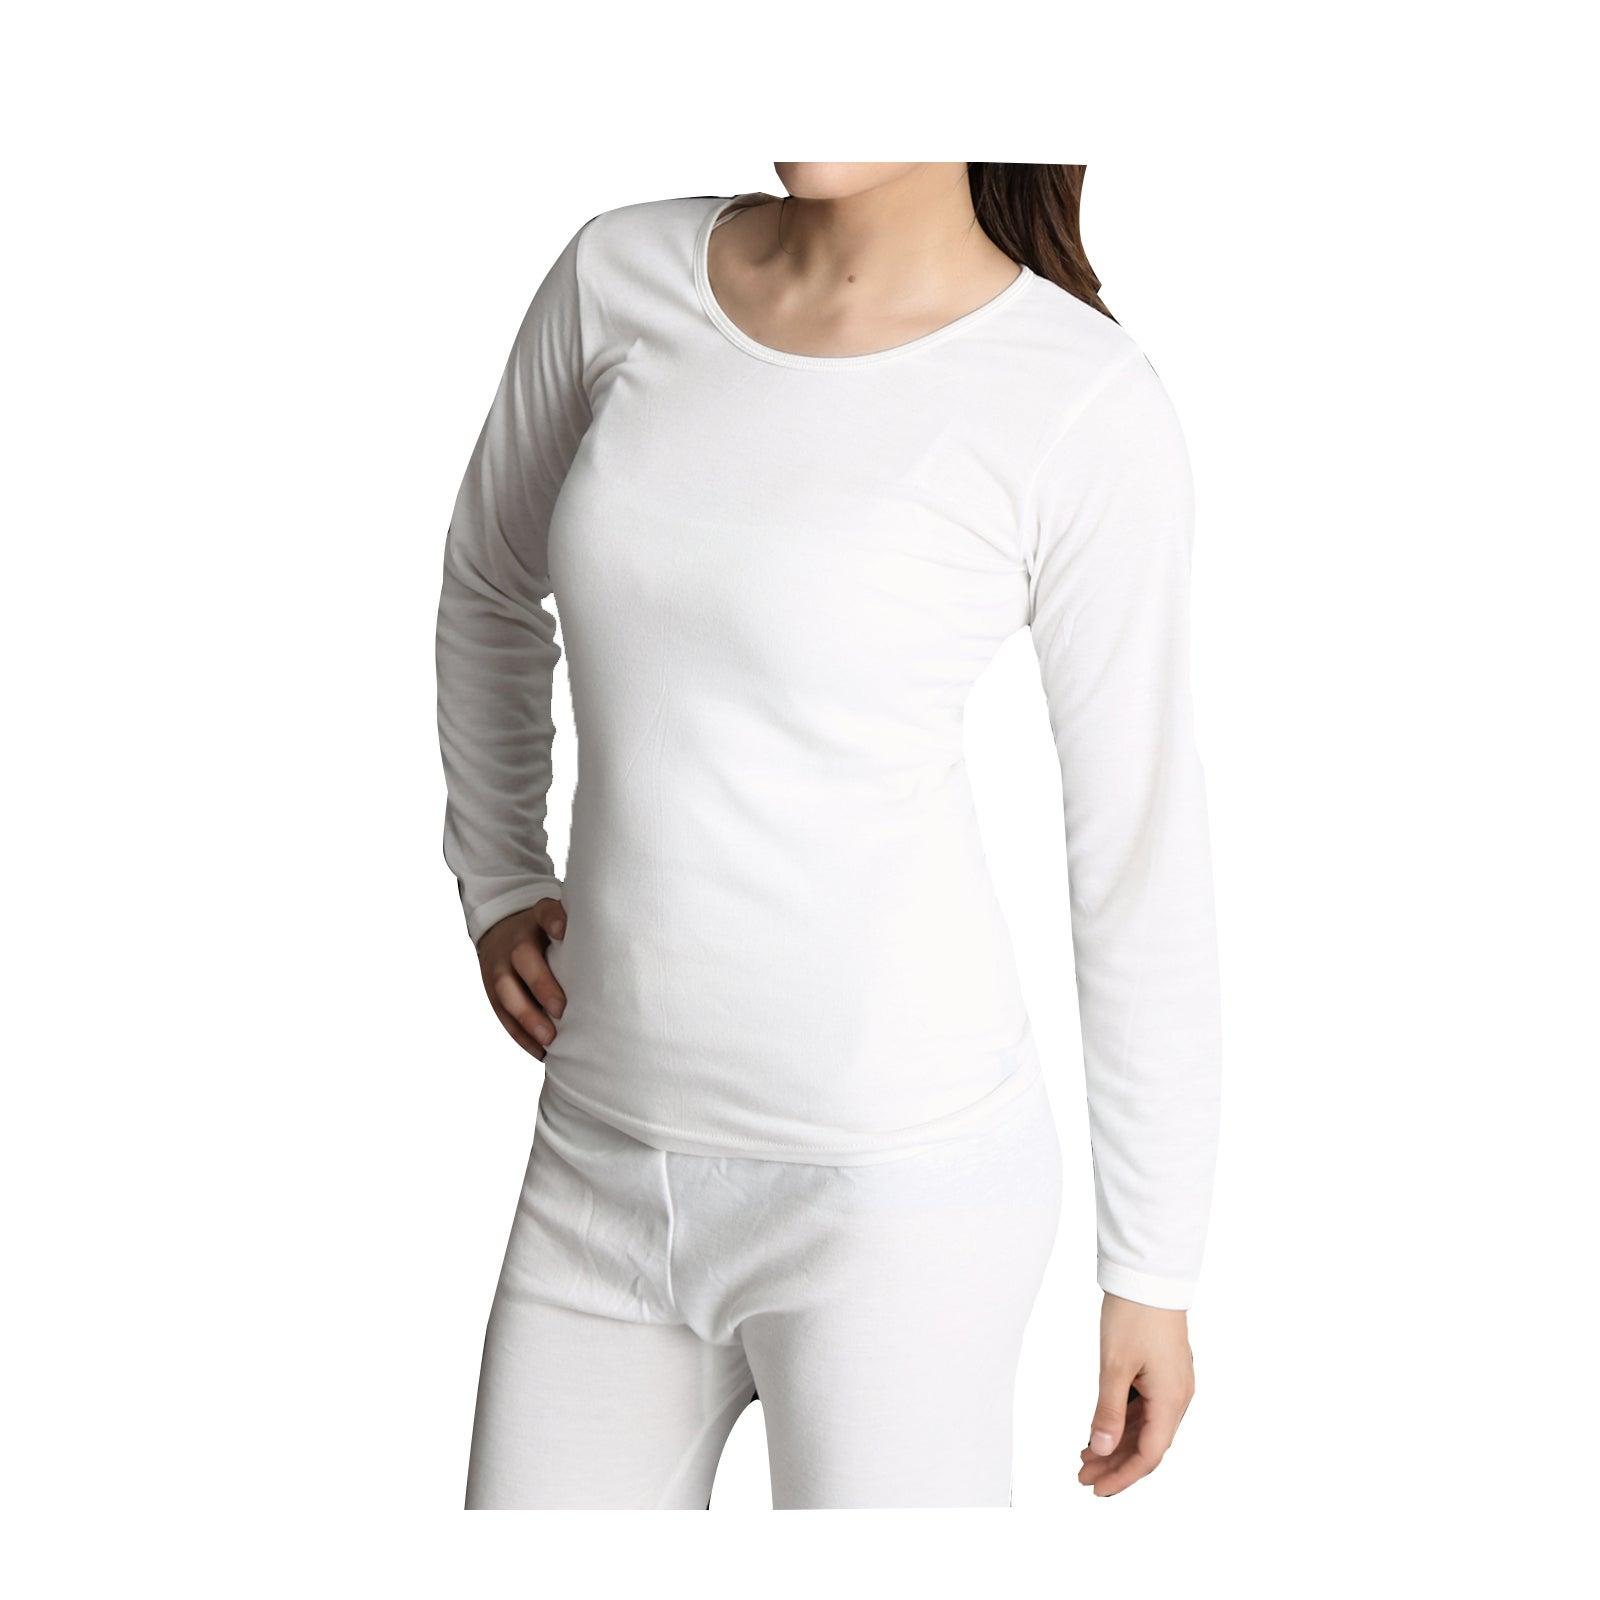 Ladies Merino Wool Blend Long Sleeve Thermal Spencer Top Underwear Thermals